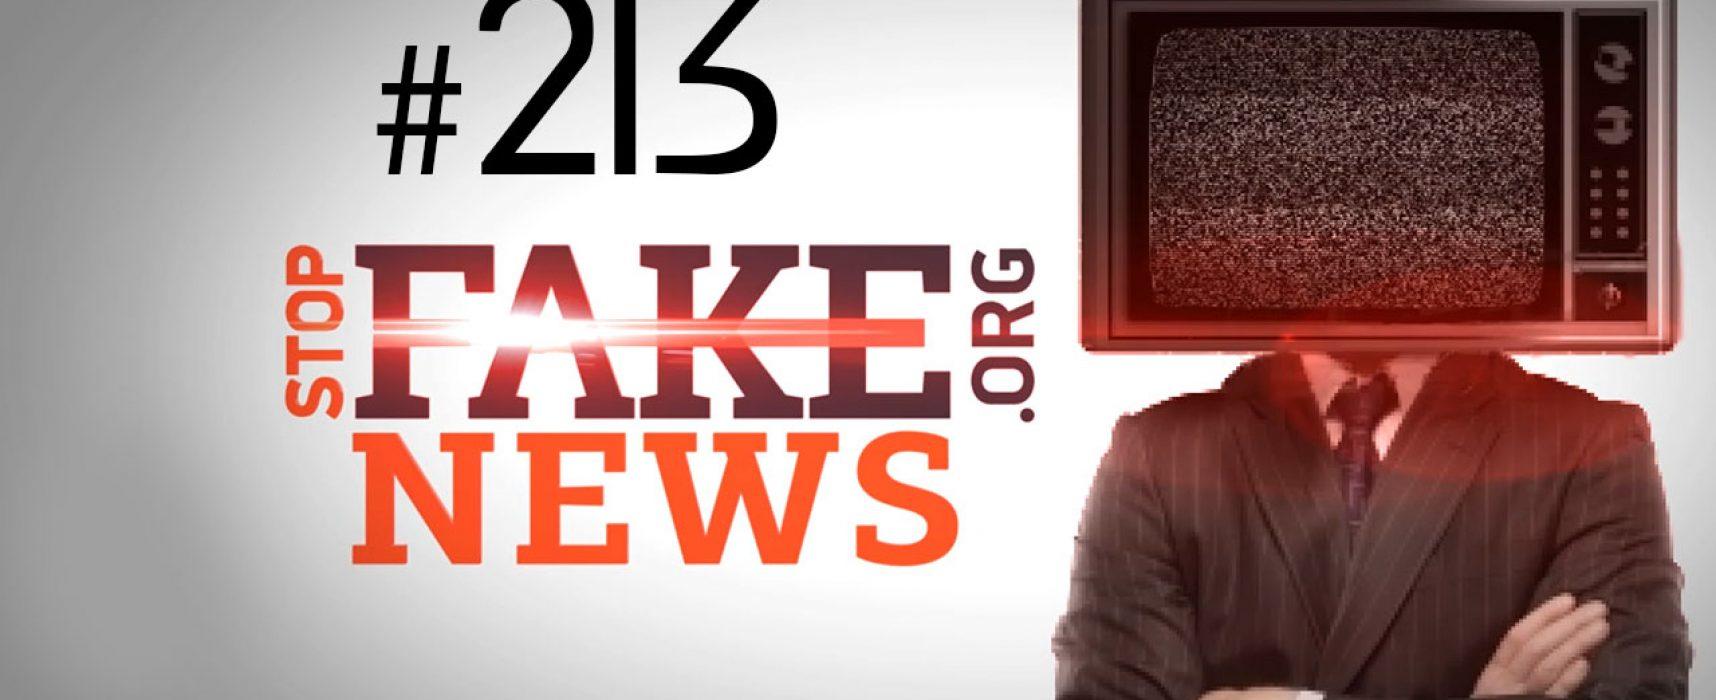 Украина не признавала превосходство РФ, а Нидерланды не обвиняли Украину в крушении MH17 — SFN #213